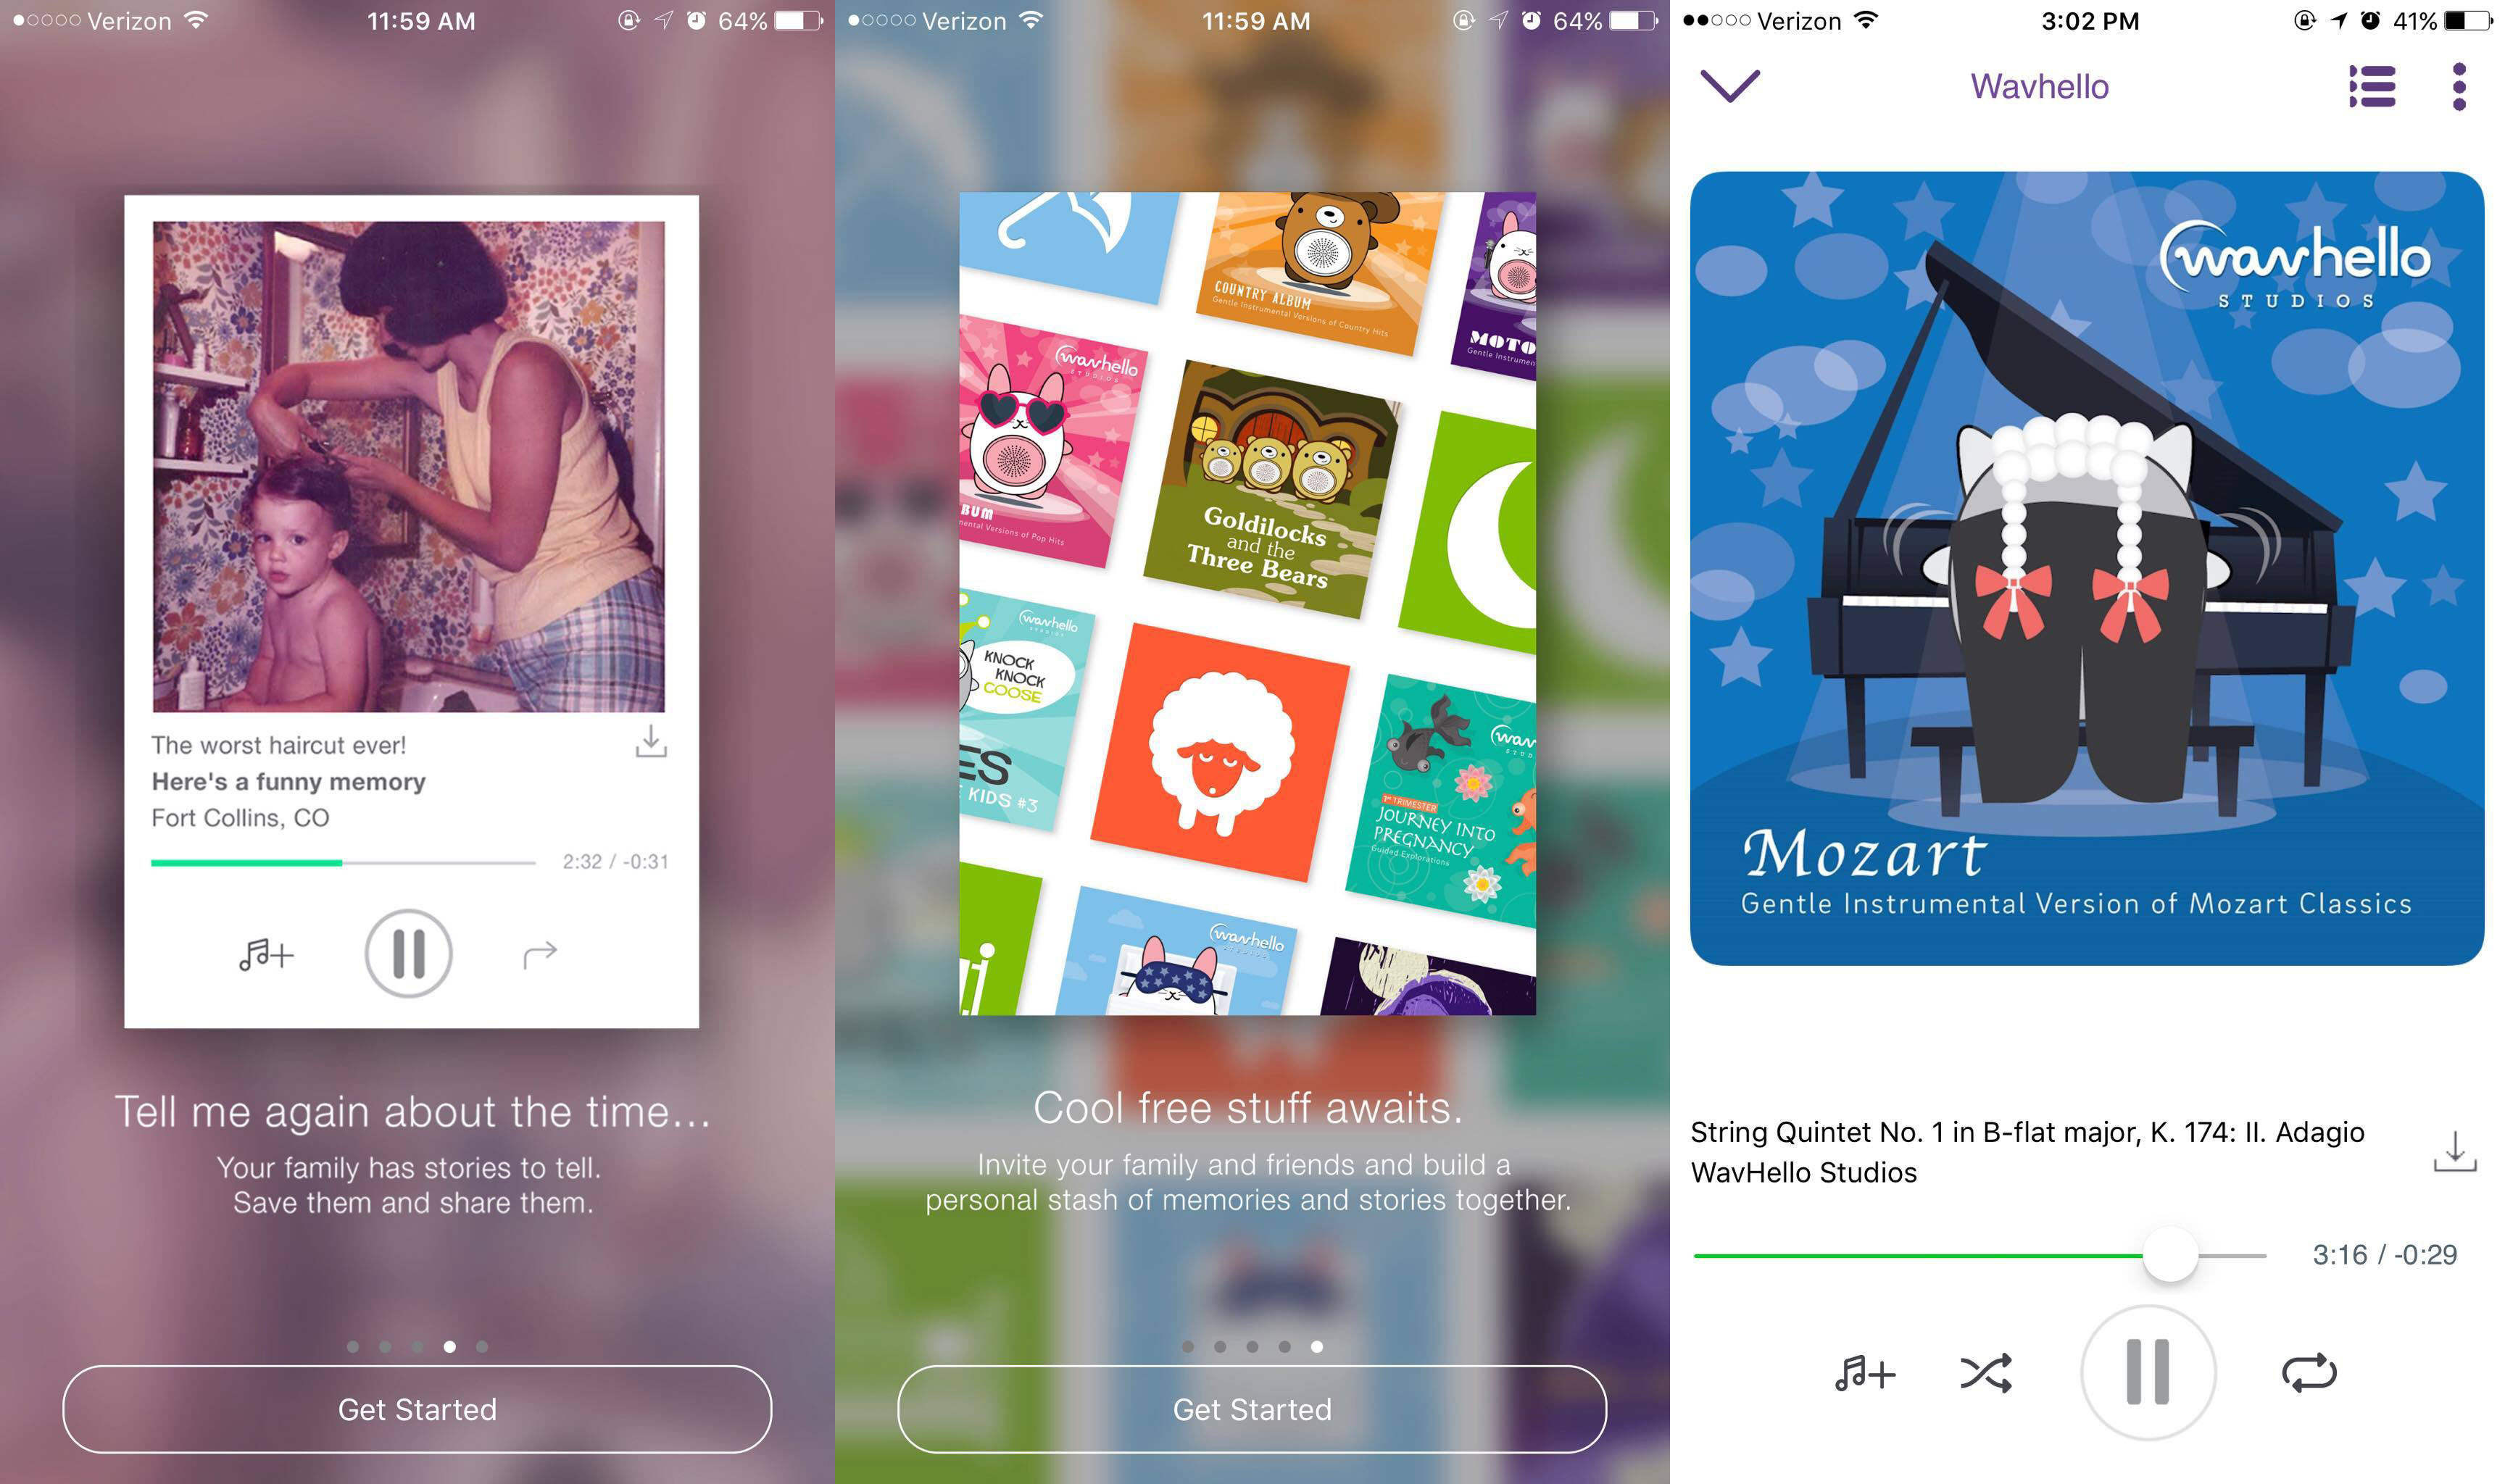 Wavhello VoiceShare app